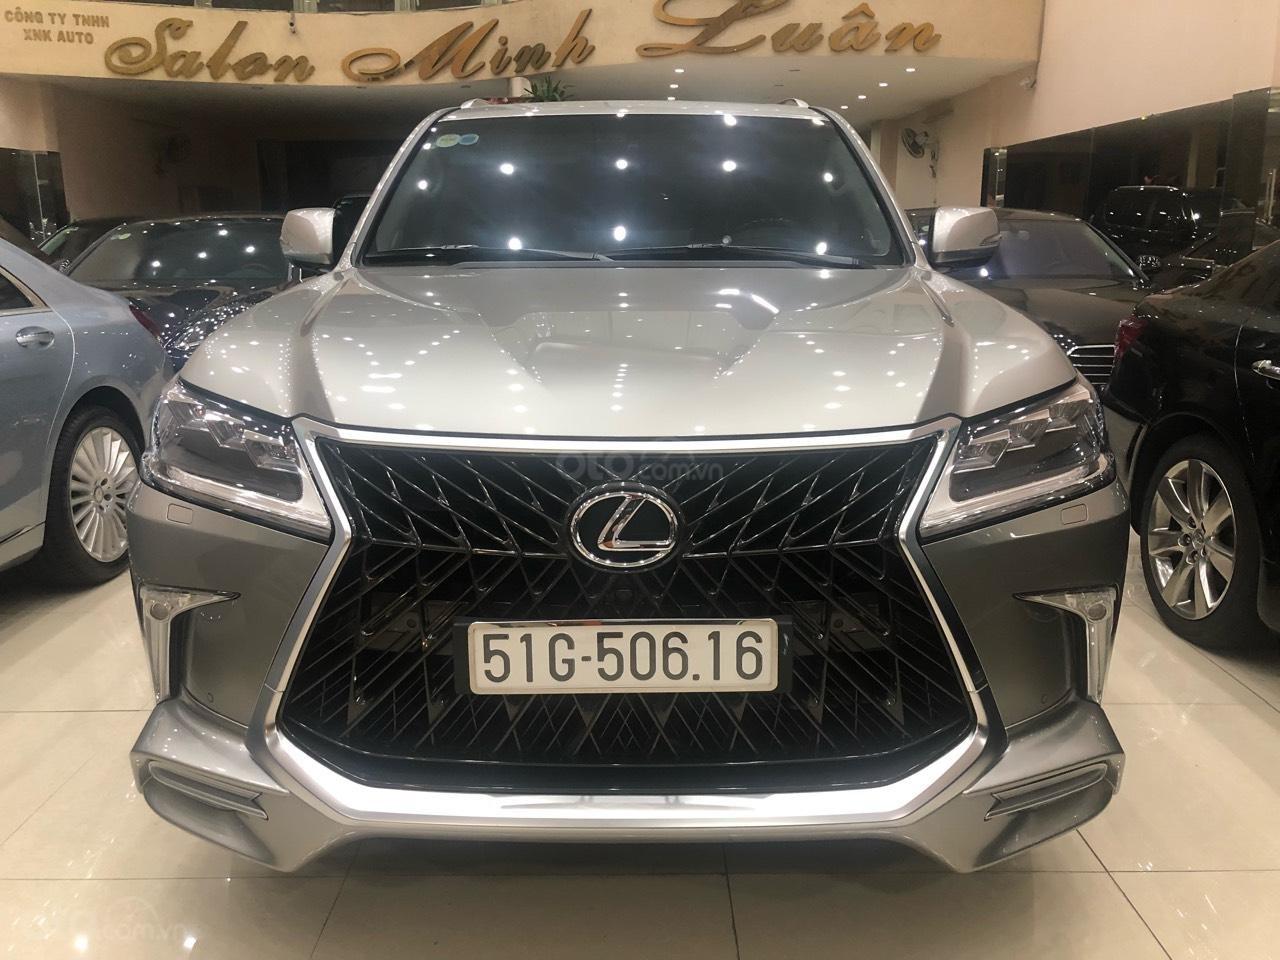 Bán Lexus LX570 đời 2018, màu bạc, nhập khẩu (1)